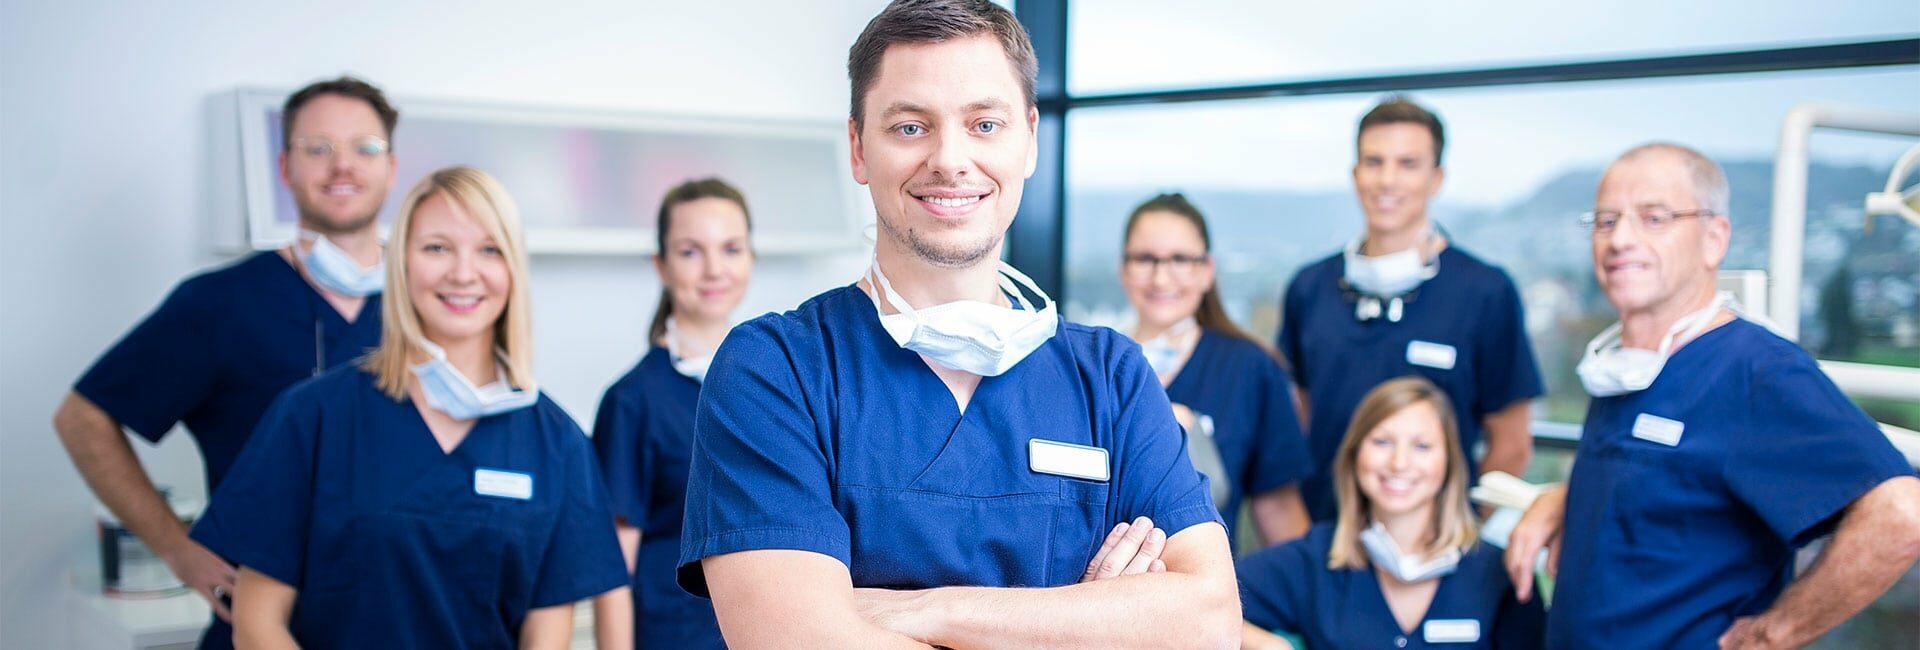 Günstiger Zahnarzt Deutschland Kontakt | Dr. HAGER